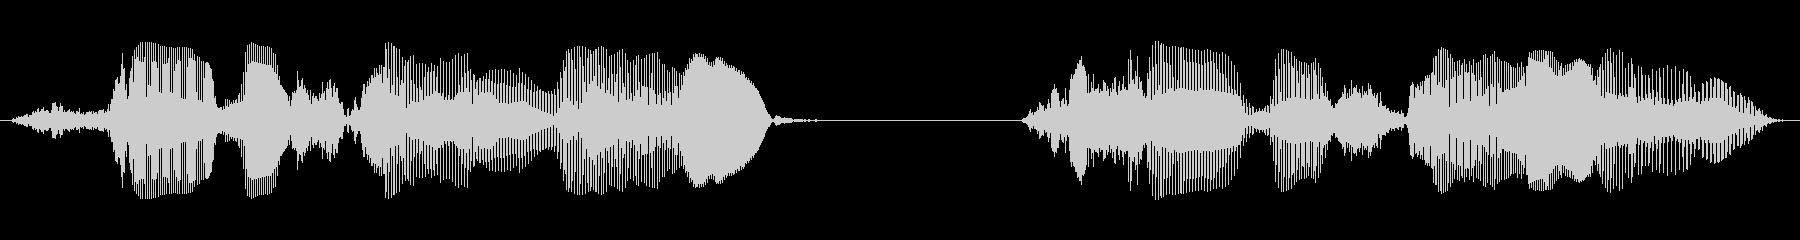 成人女性D:サービスライン1、サー...の未再生の波形